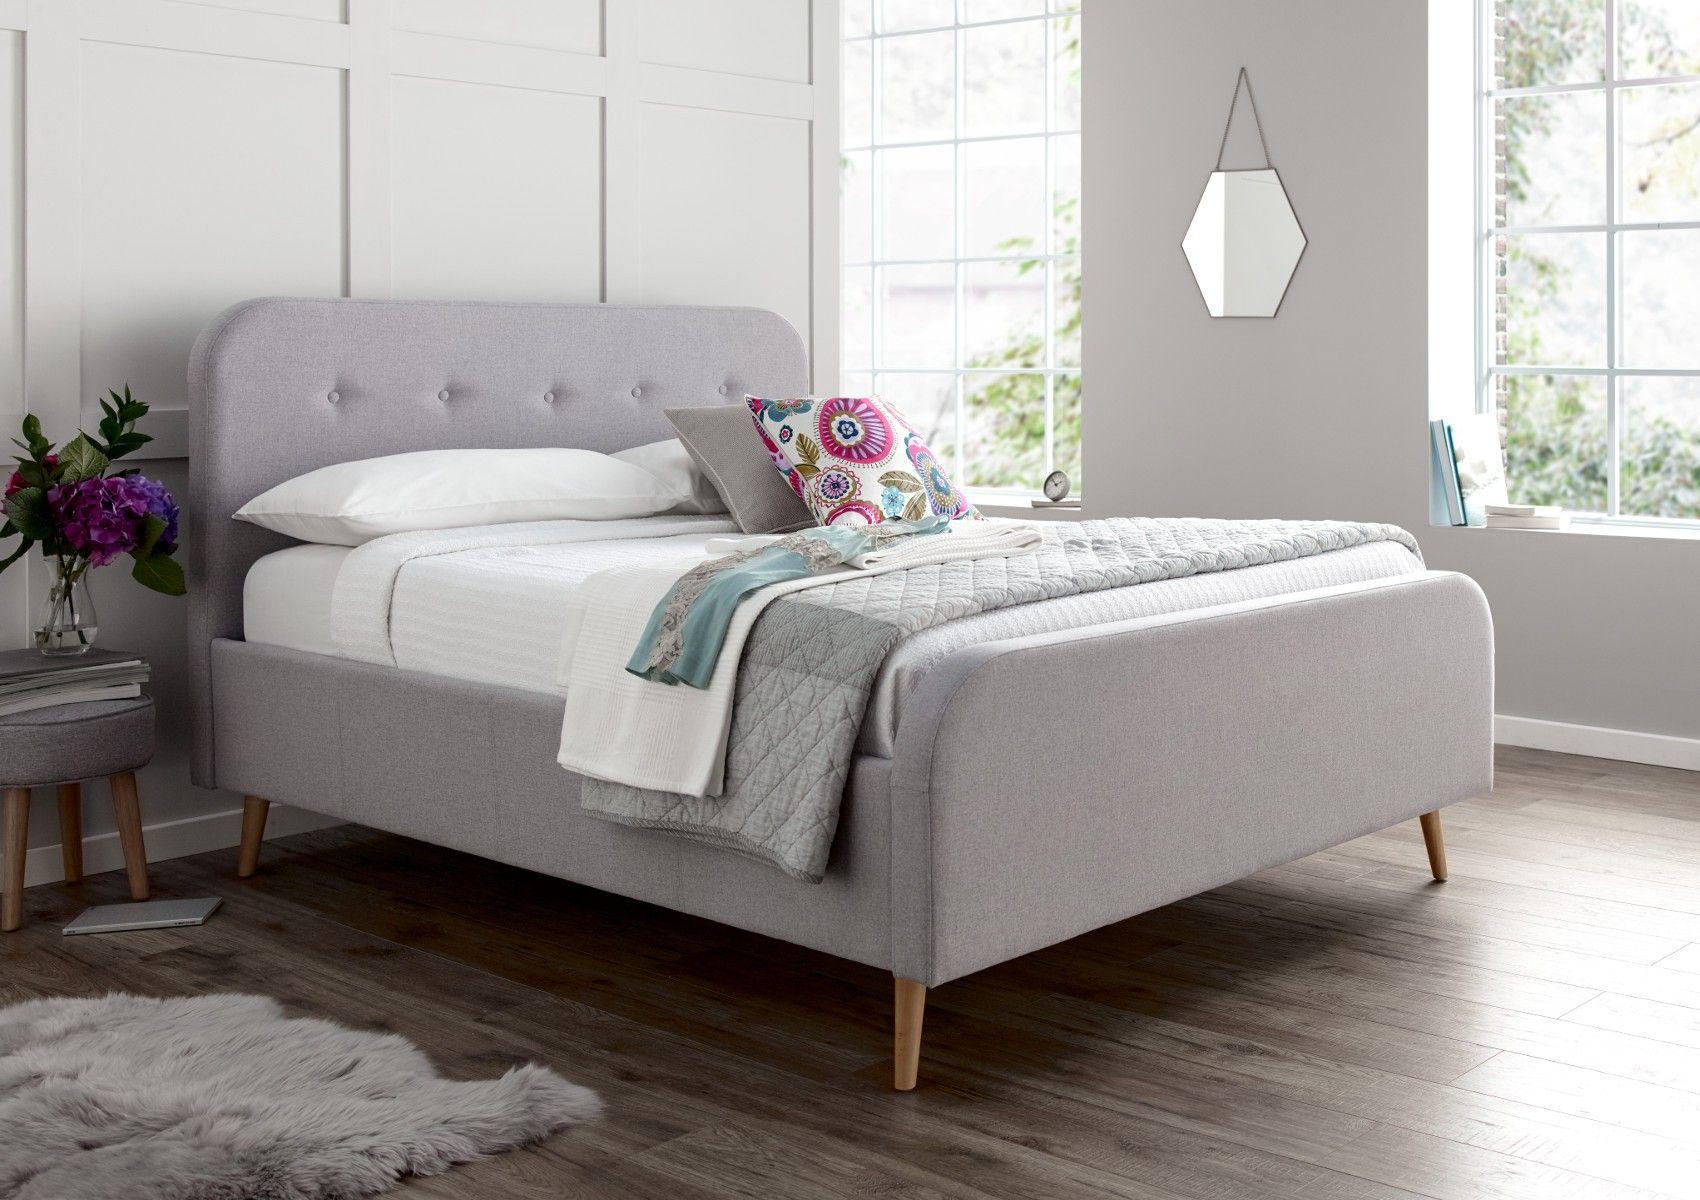 Stockholm Grey Upholstered Bed Frame Upholstered Beds Beds